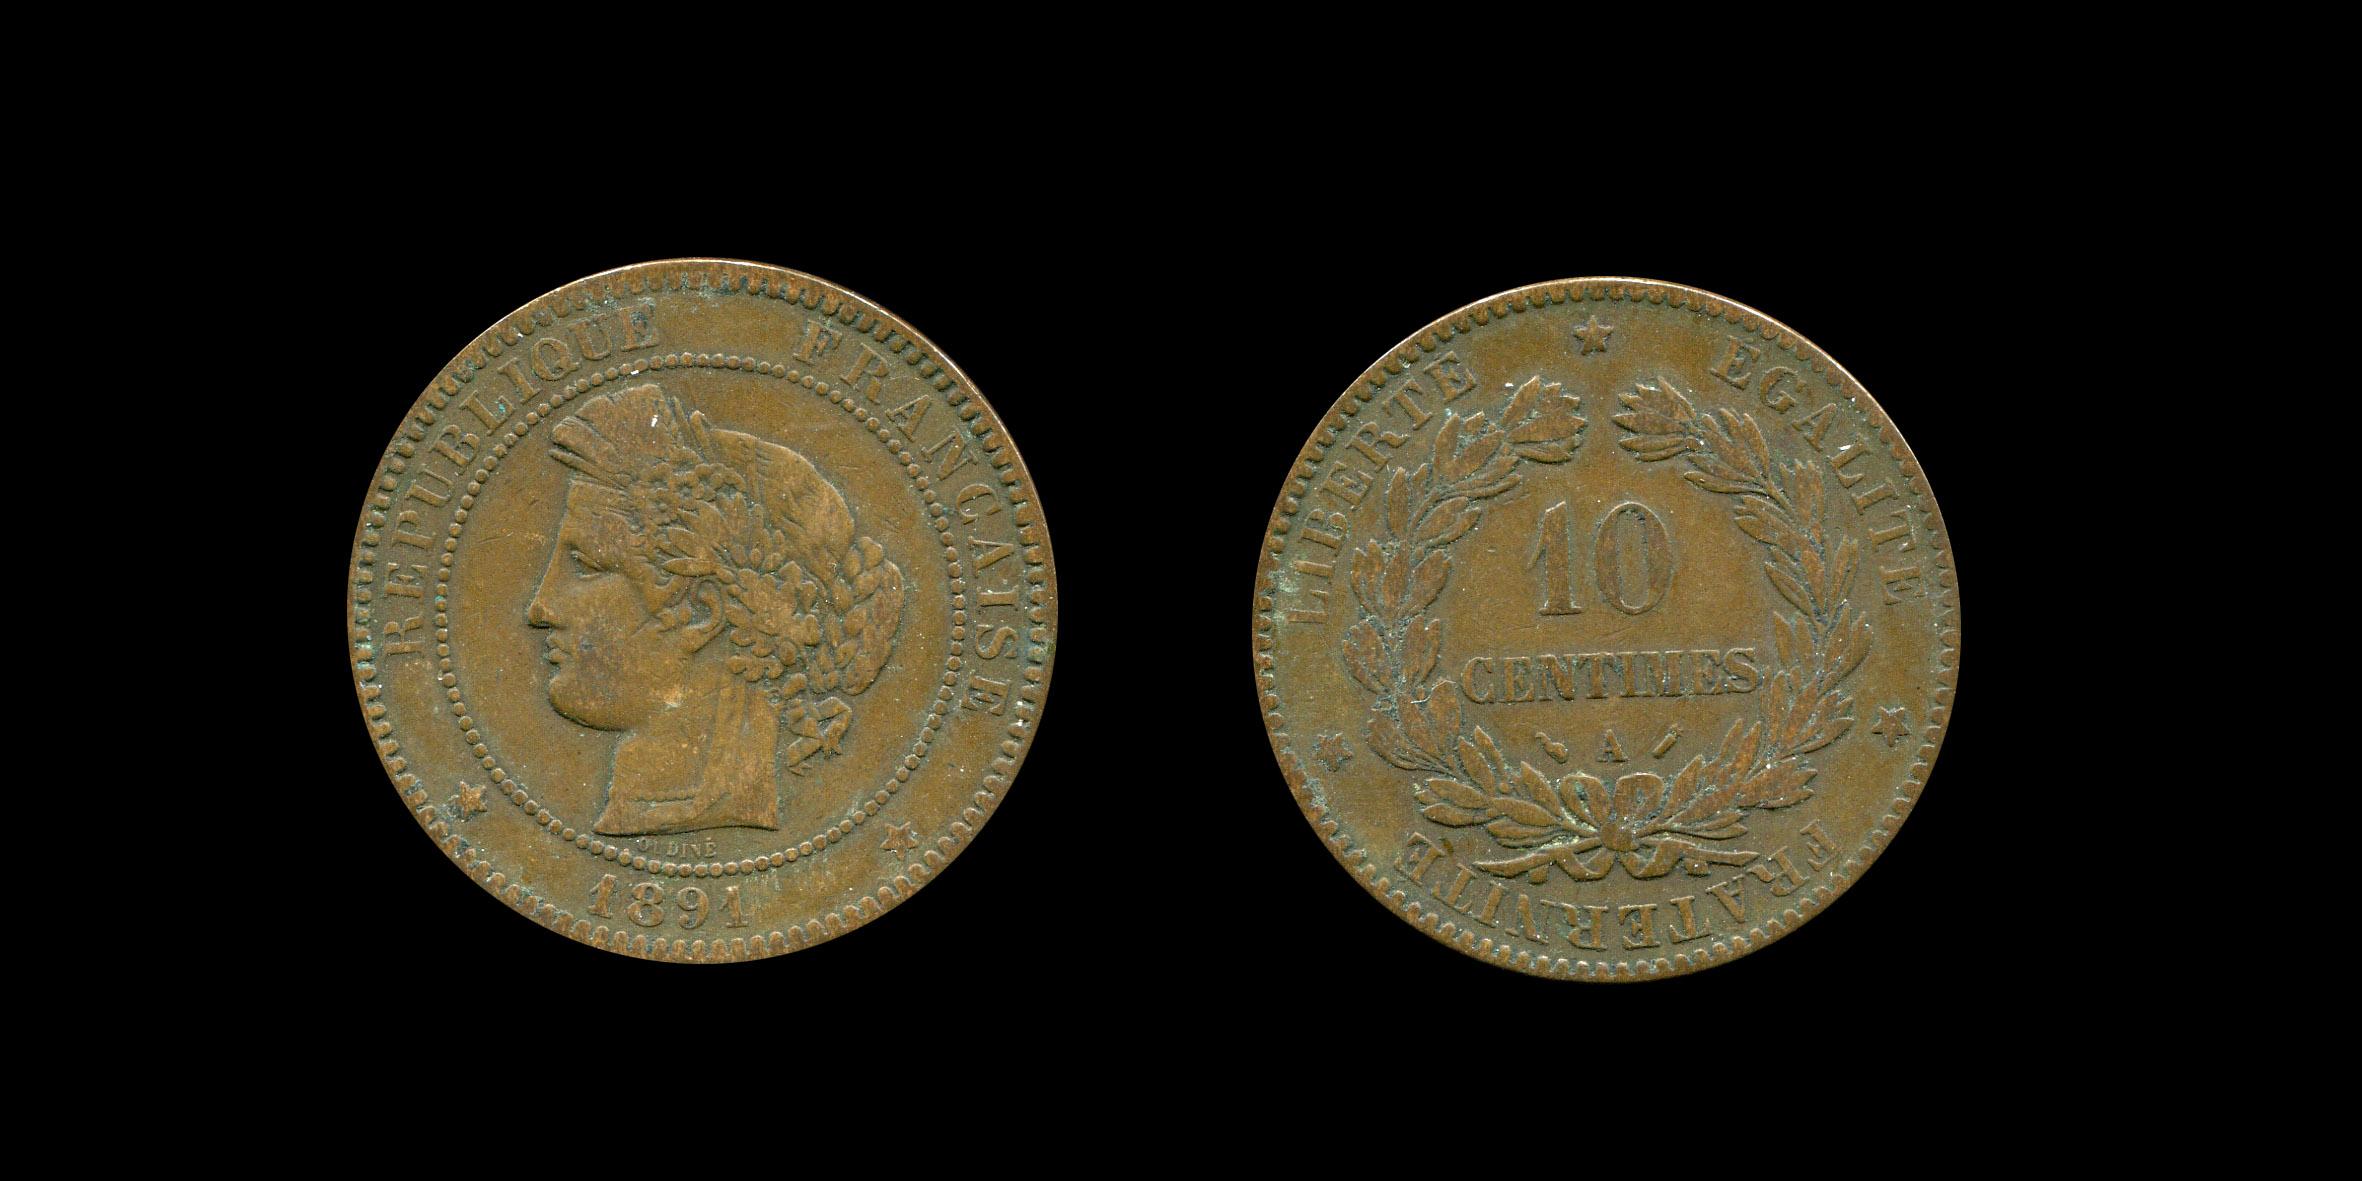 Troisième République 10 centimes type Cérès